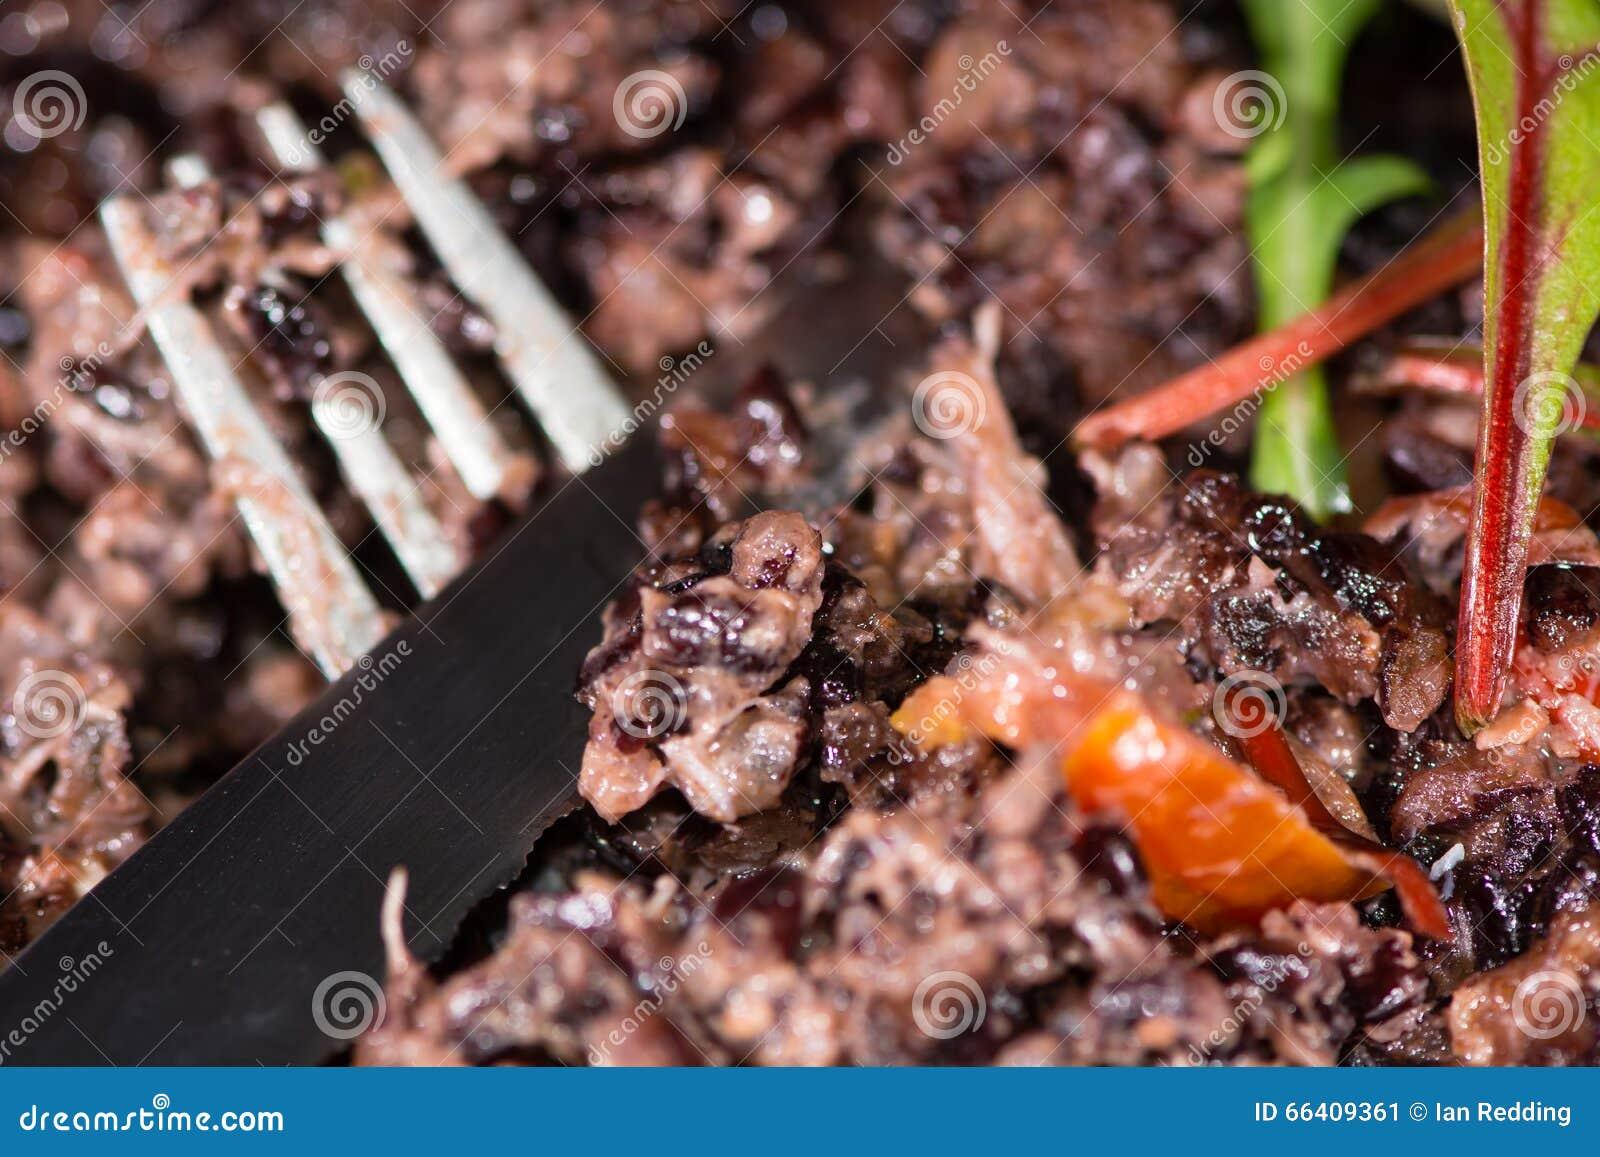 Crabe Avec Un Couteau risotto de crabe avec le couteau et la fourchette image stock